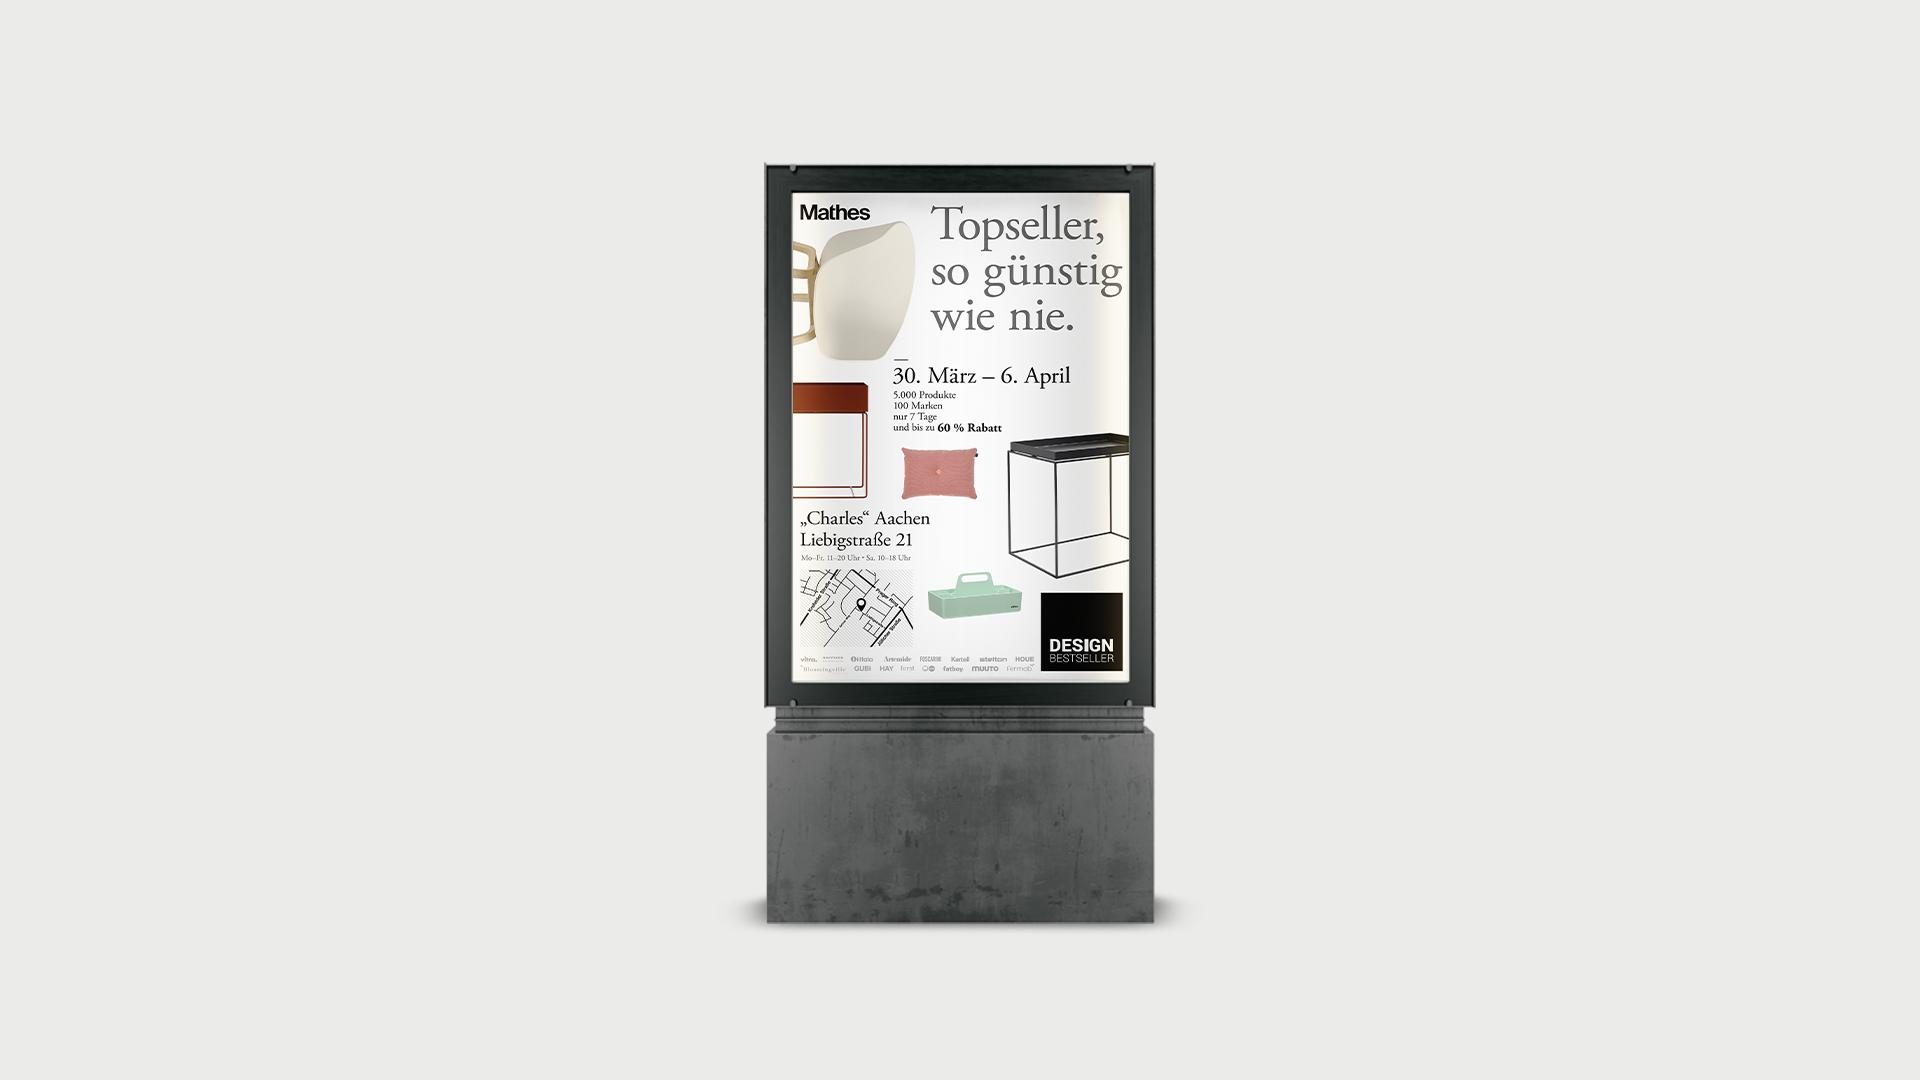 """Citylightposter im Leuchtkasten mit dem Claim """"Topseller, so günstig wie nie."""" der Werbekampagne für den Lagerverkauf von Design Bestseller."""